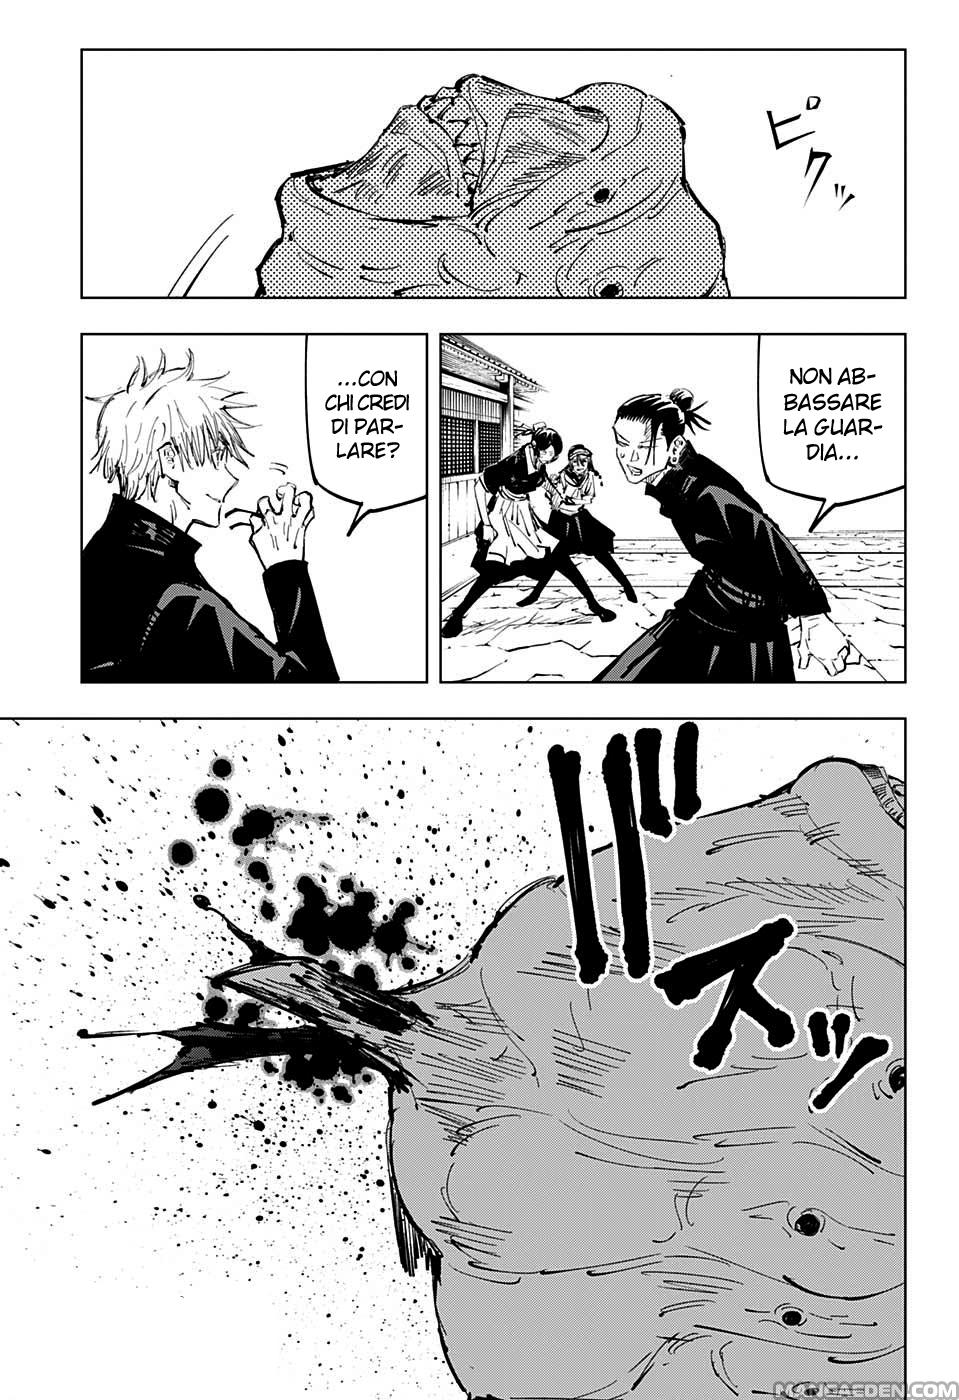 https://nine.mangadogs.com/it_manga/pic/35/2659/317397/JujutsuKaisen71InventarioN206.png Page 6